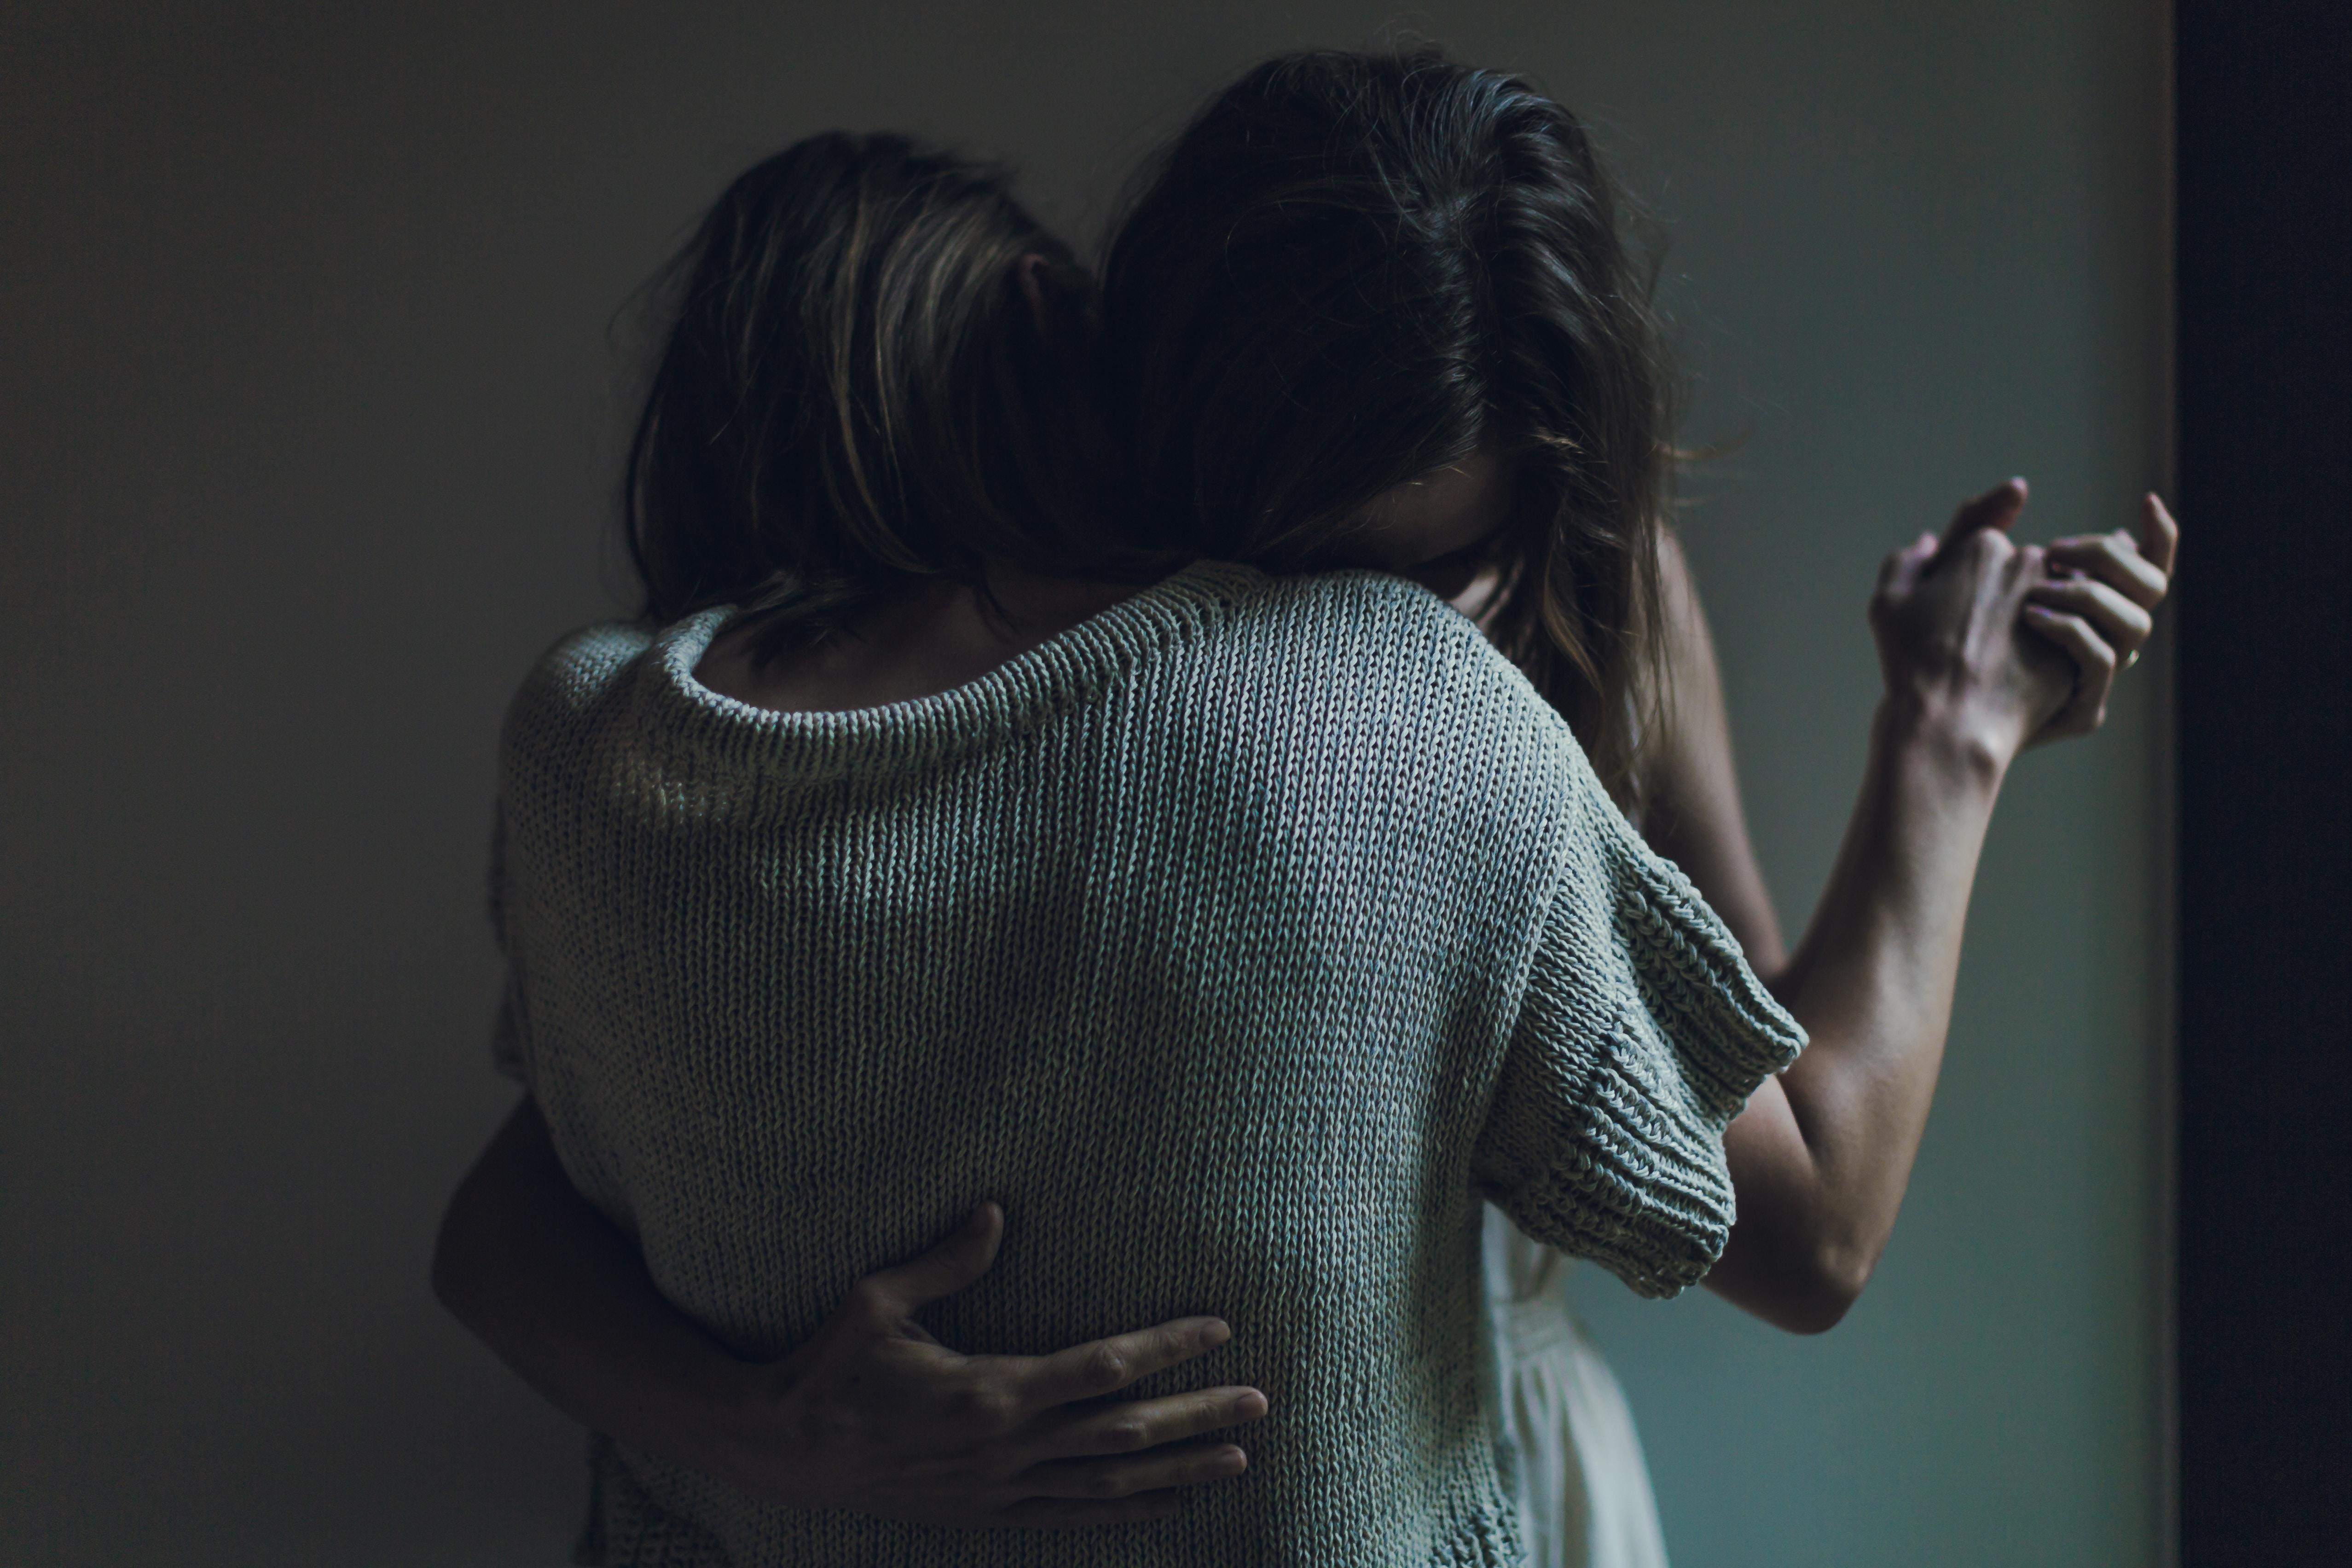 Wie du dich Selbst in wenigen Minuten aus einem unangenehmen Gefühl herausholen kannst